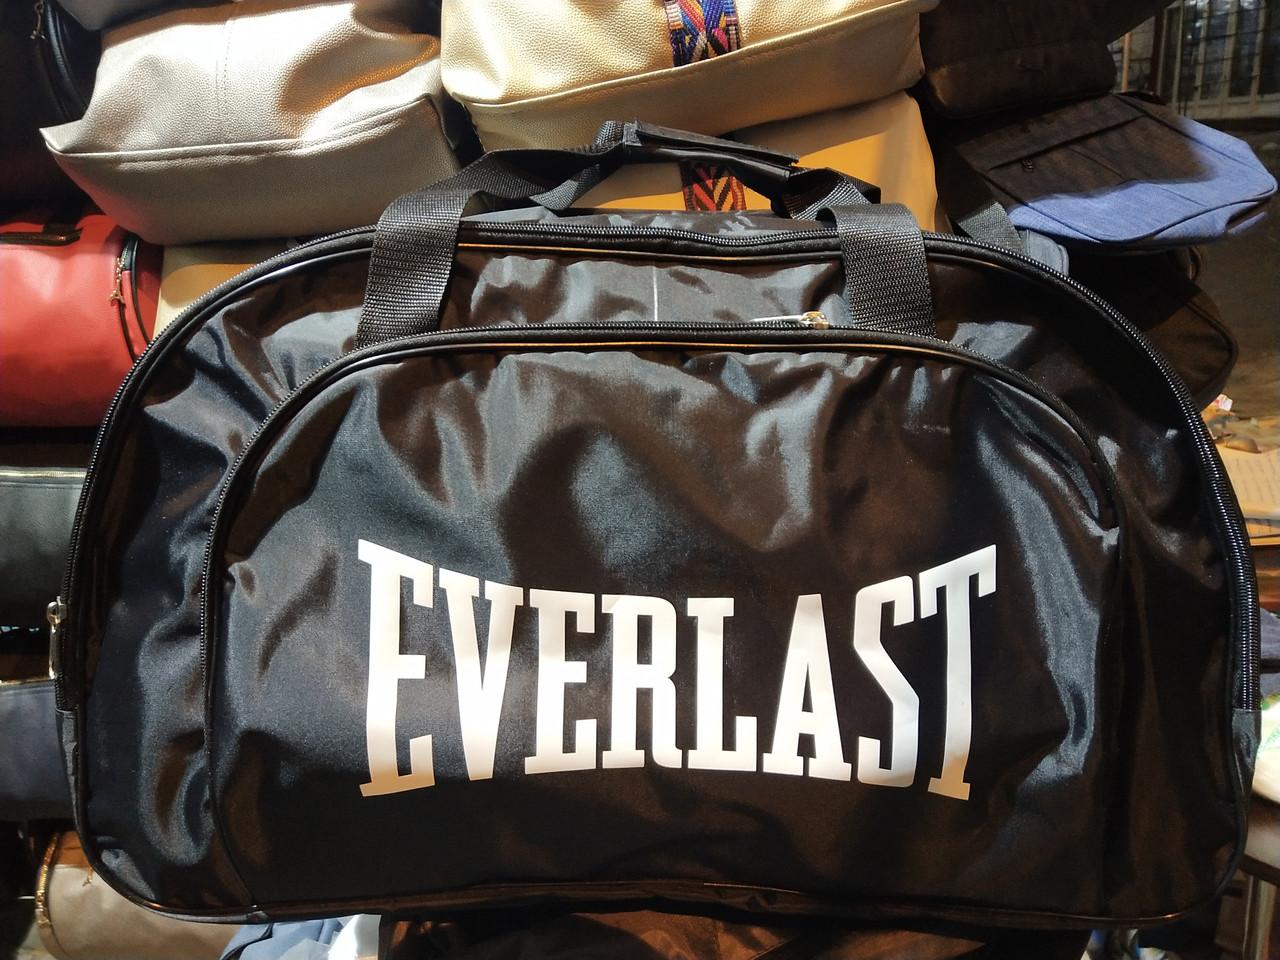 Спортивна дорожня сумка everlast/Дорожня сумка/Спортивна сумка тільки оптом